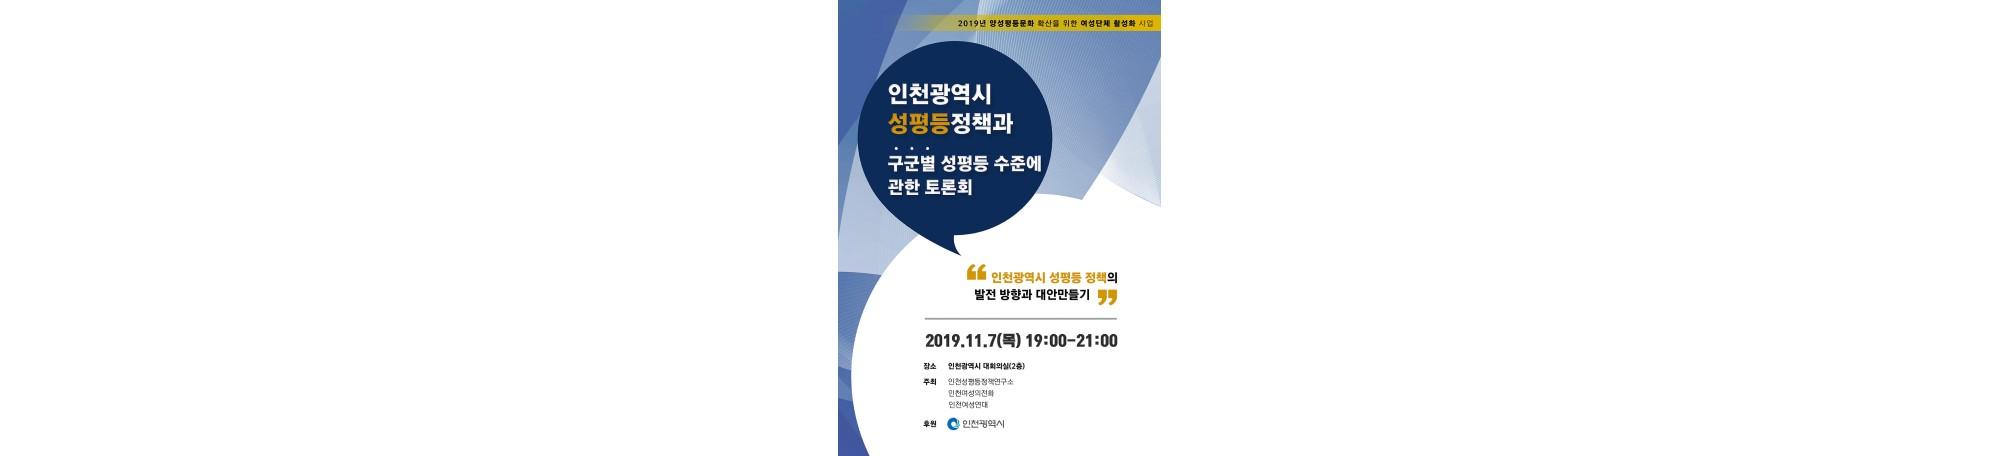 2019 인천광역시 성평등정책과 구군별 성평등 수준비교 토론회